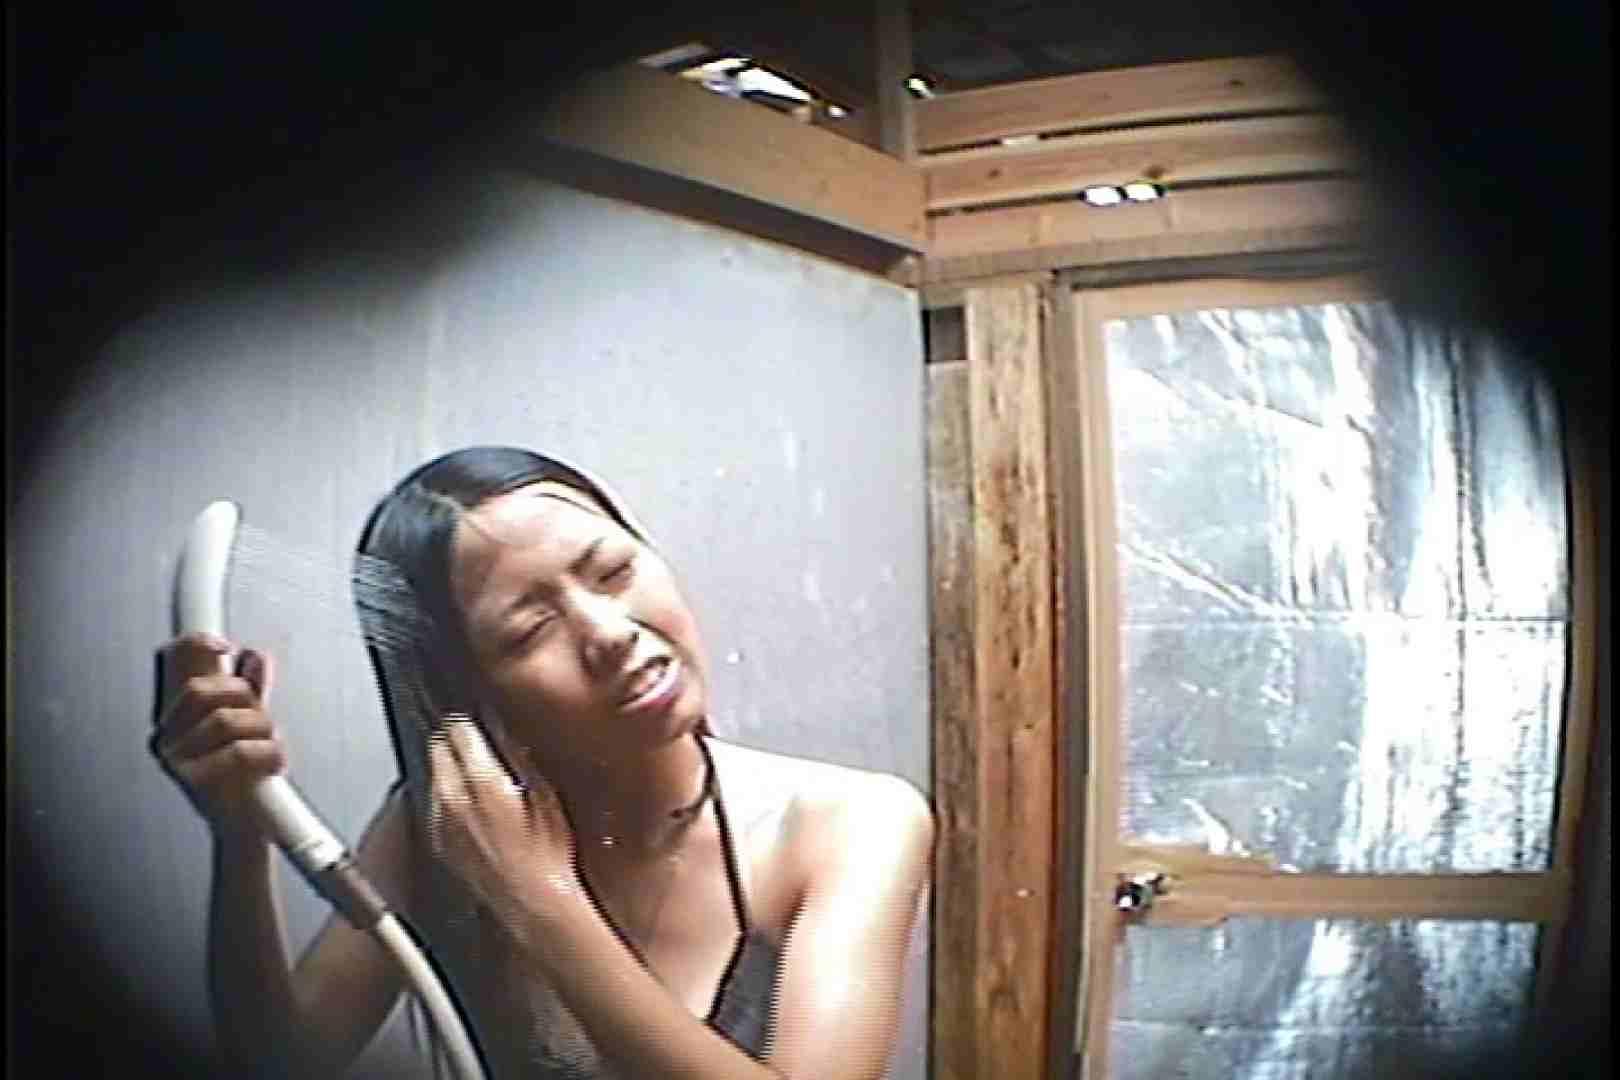 海の家の更衣室 Vol.45 高画質 | シャワー  101画像 51